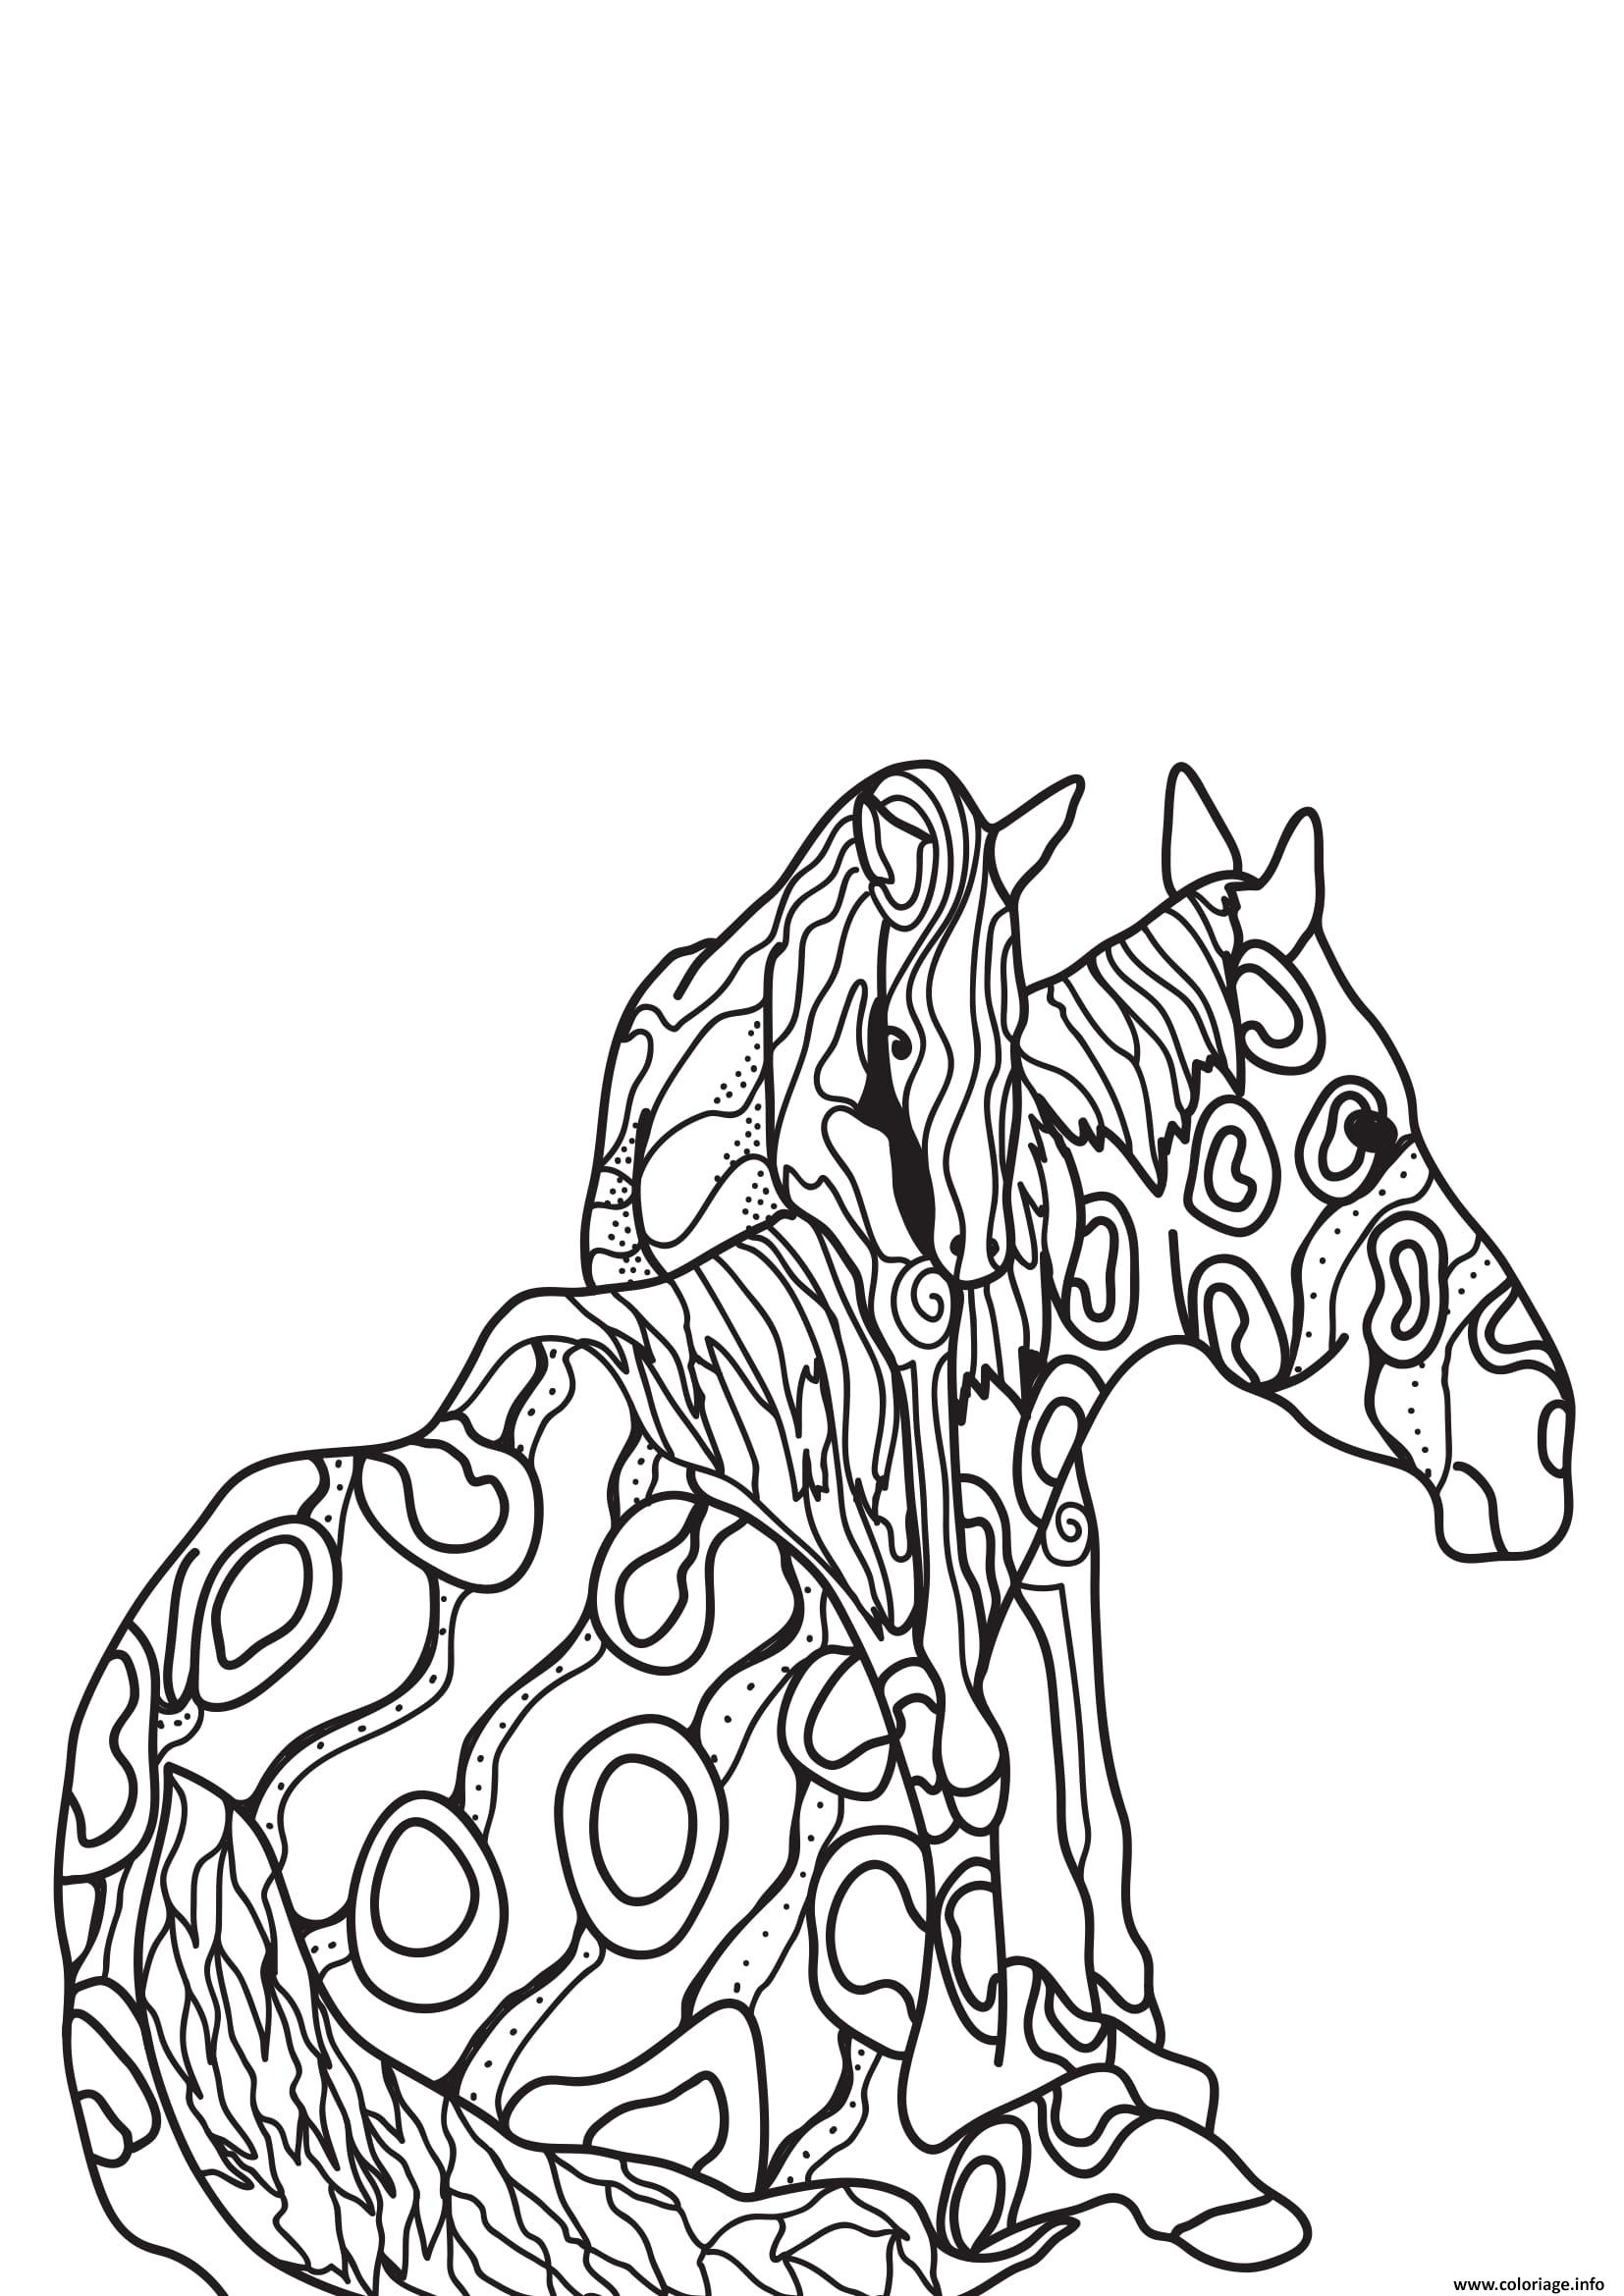 Dessin adulte chevaux 15 Coloriage Gratuit à Imprimer